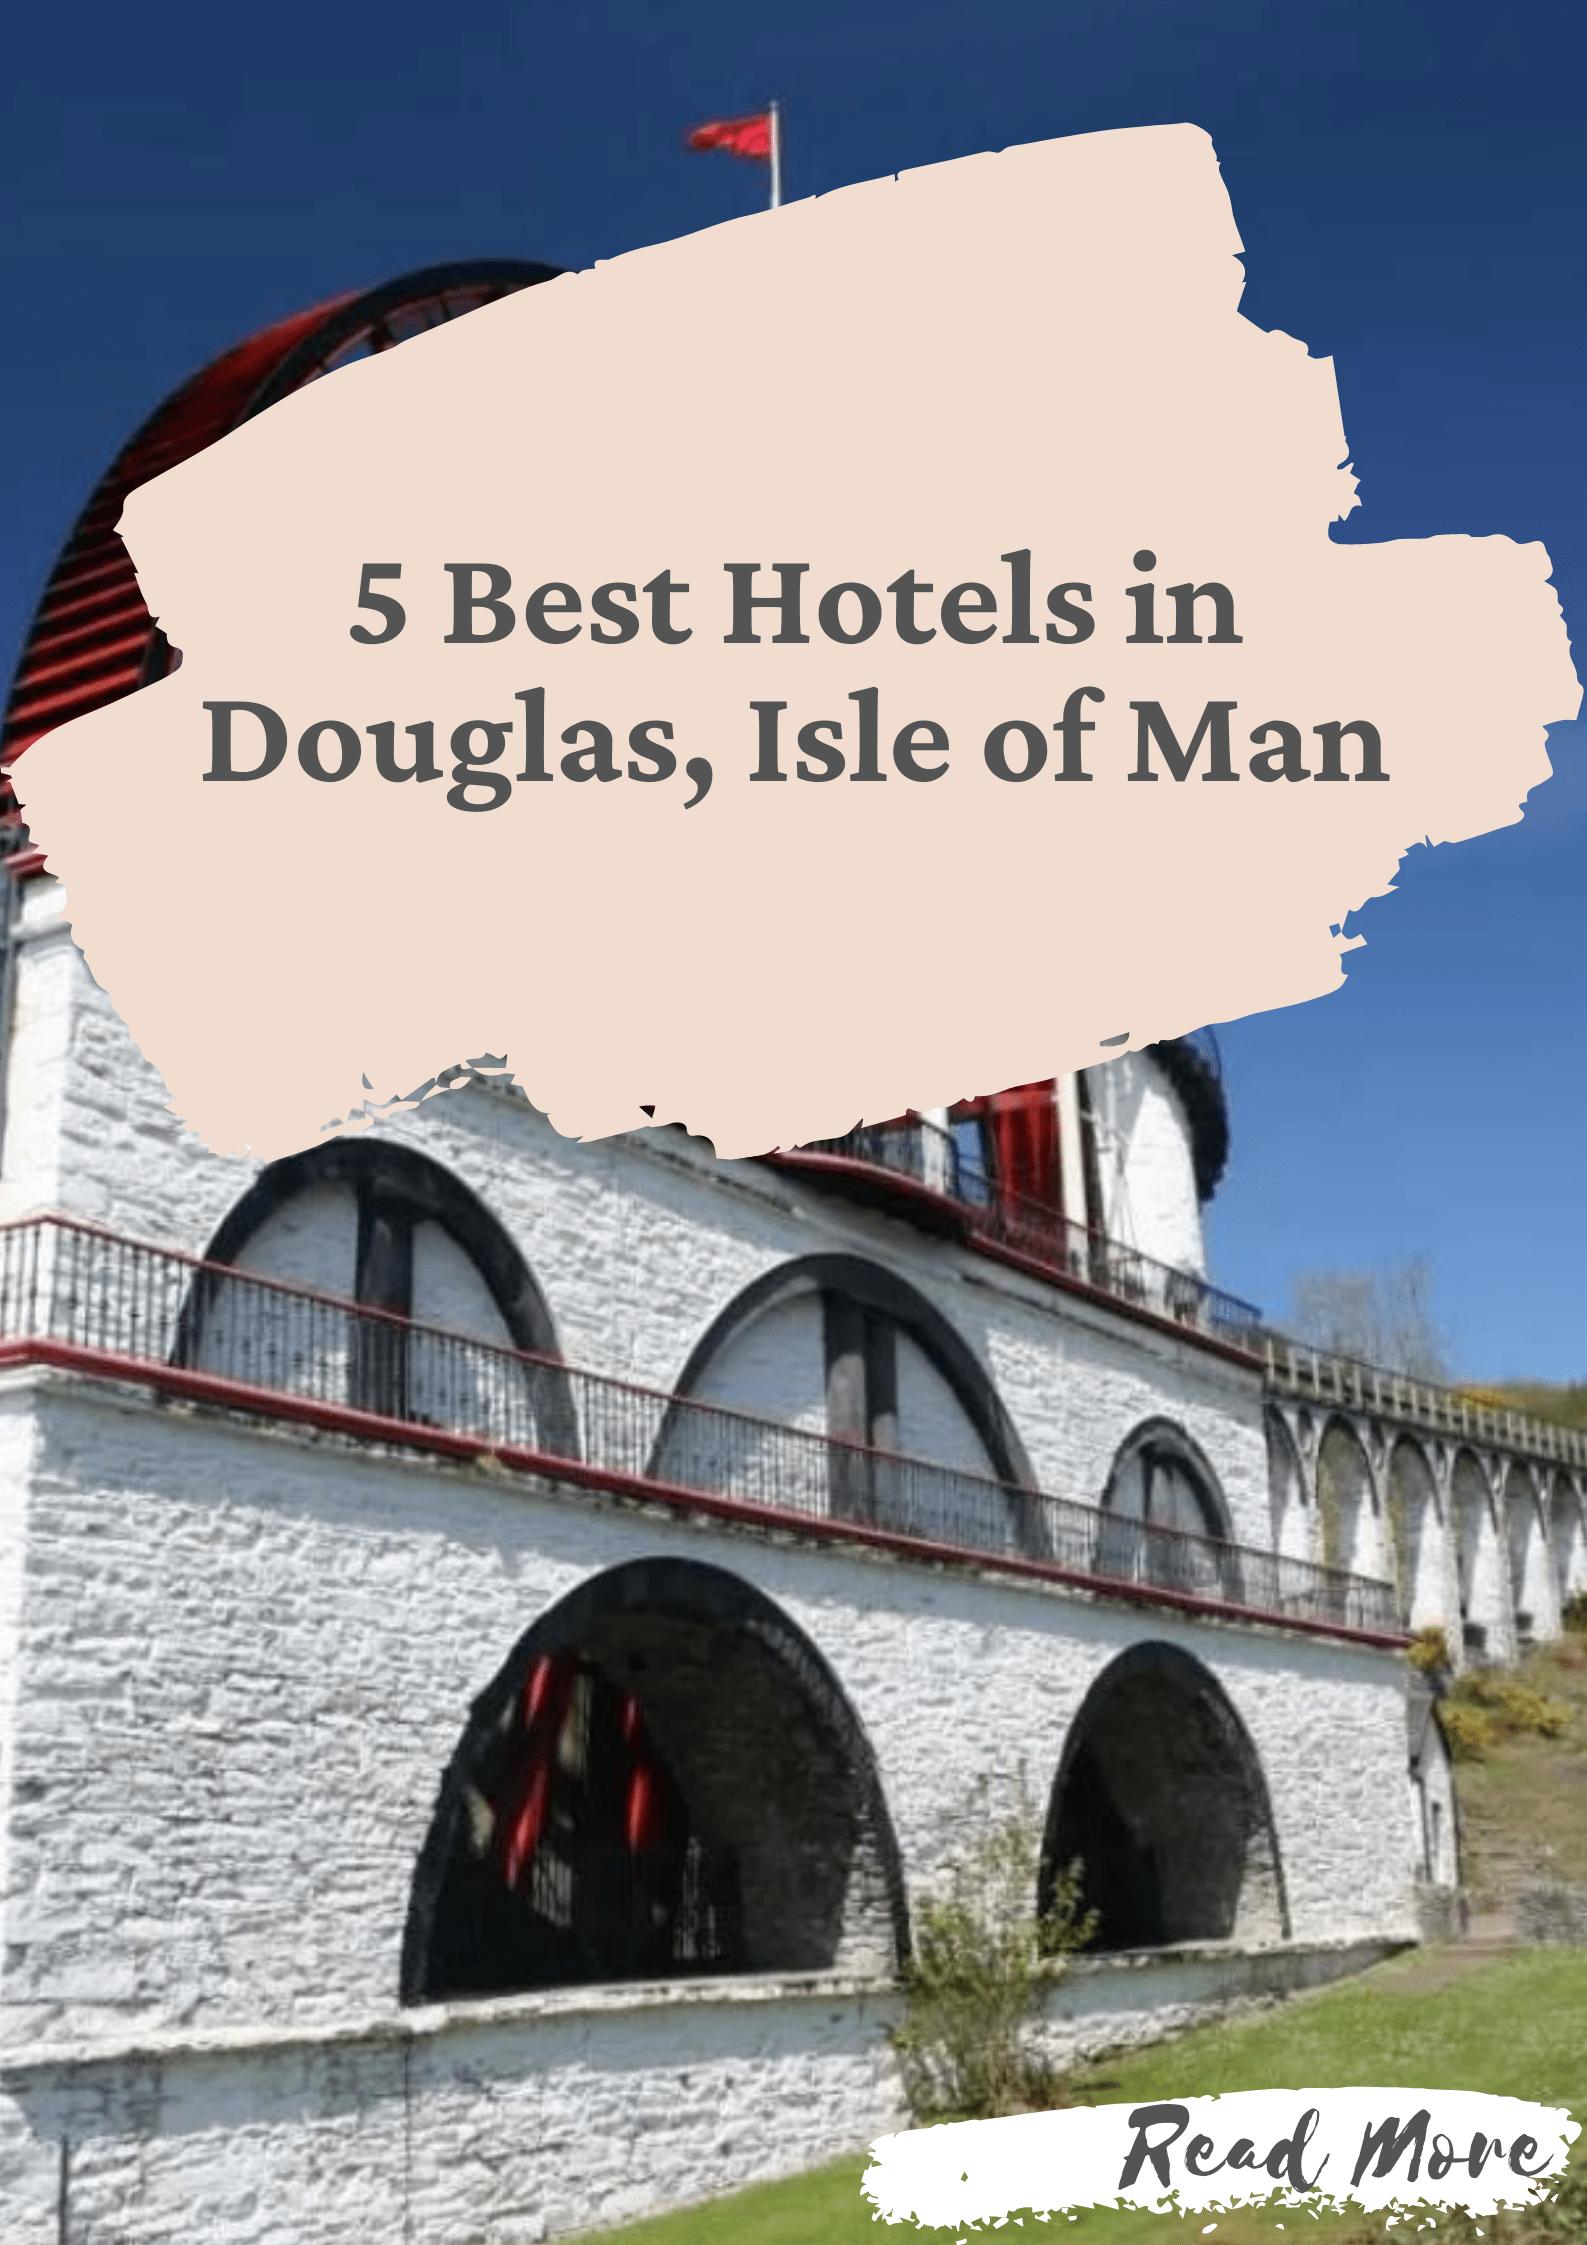 5 Best Hotels in Douglas, Isle of Man